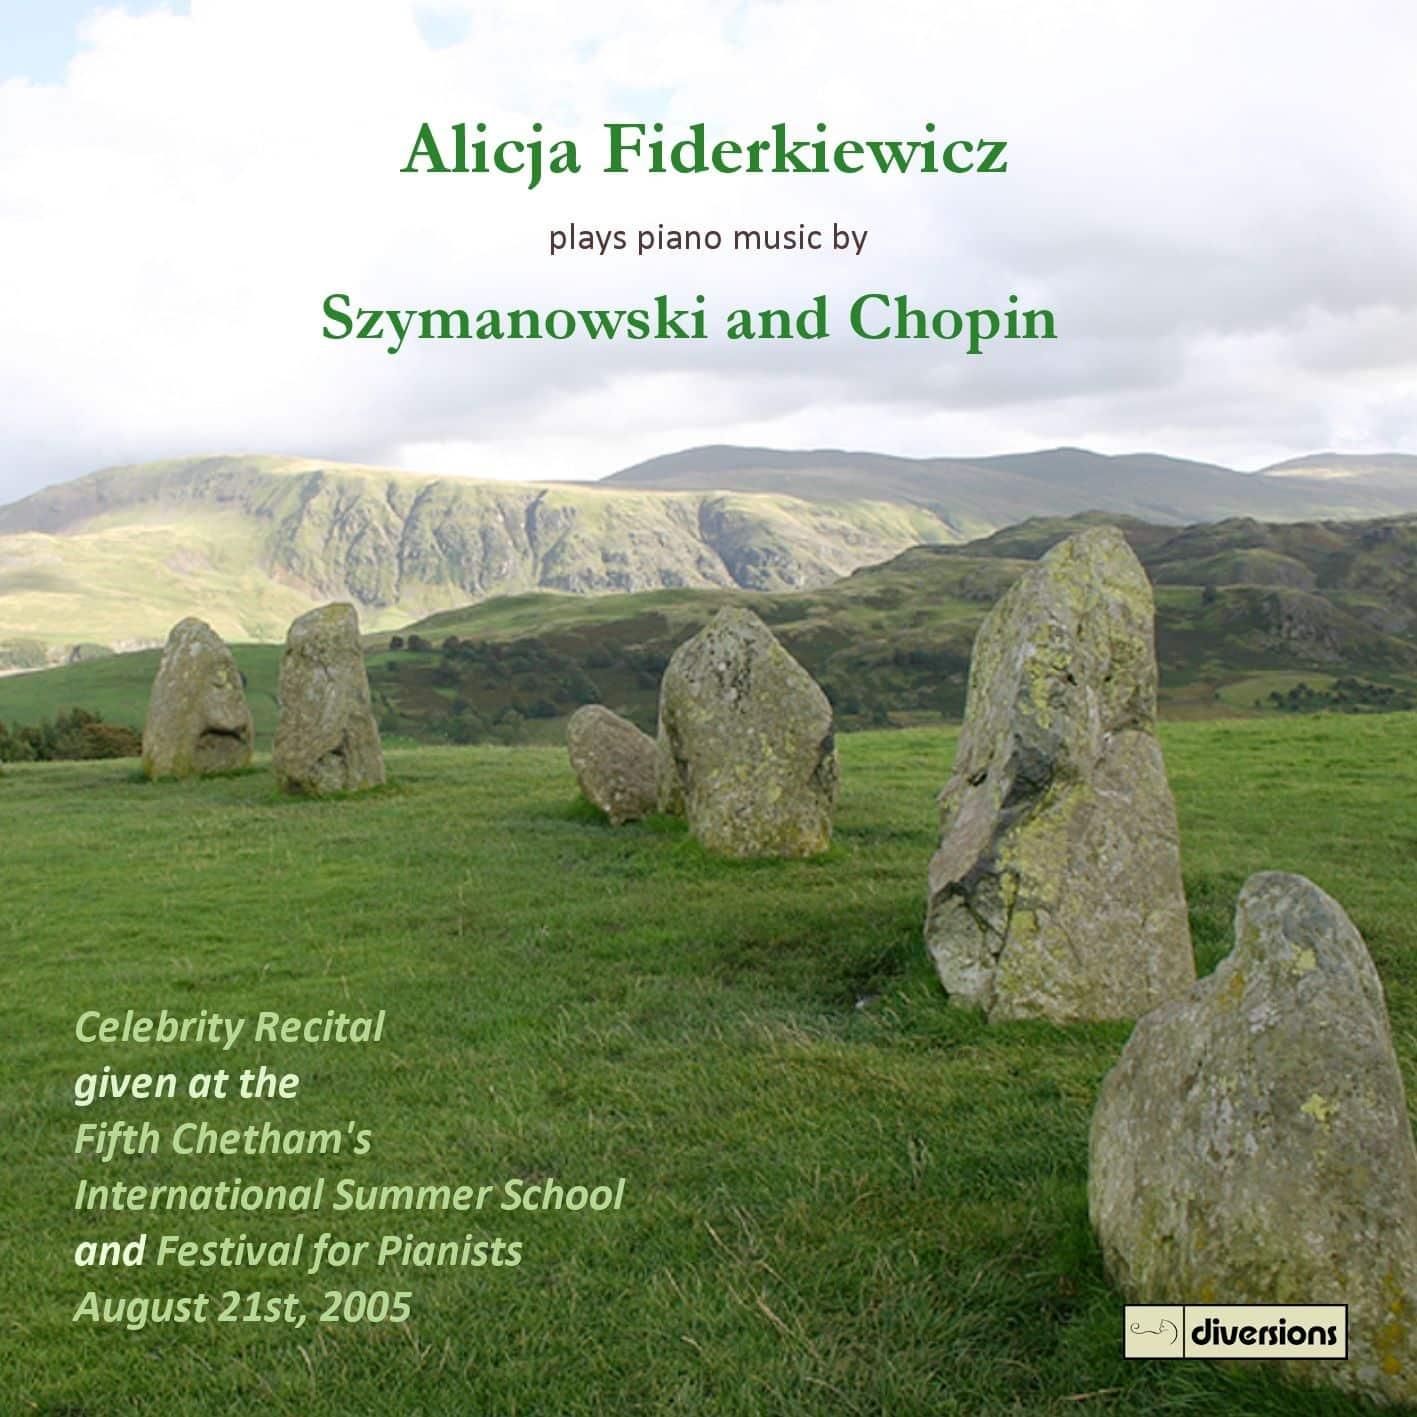 Alicja Fiderkiewicz Celebrity Recital: Chopin & Szymanowski